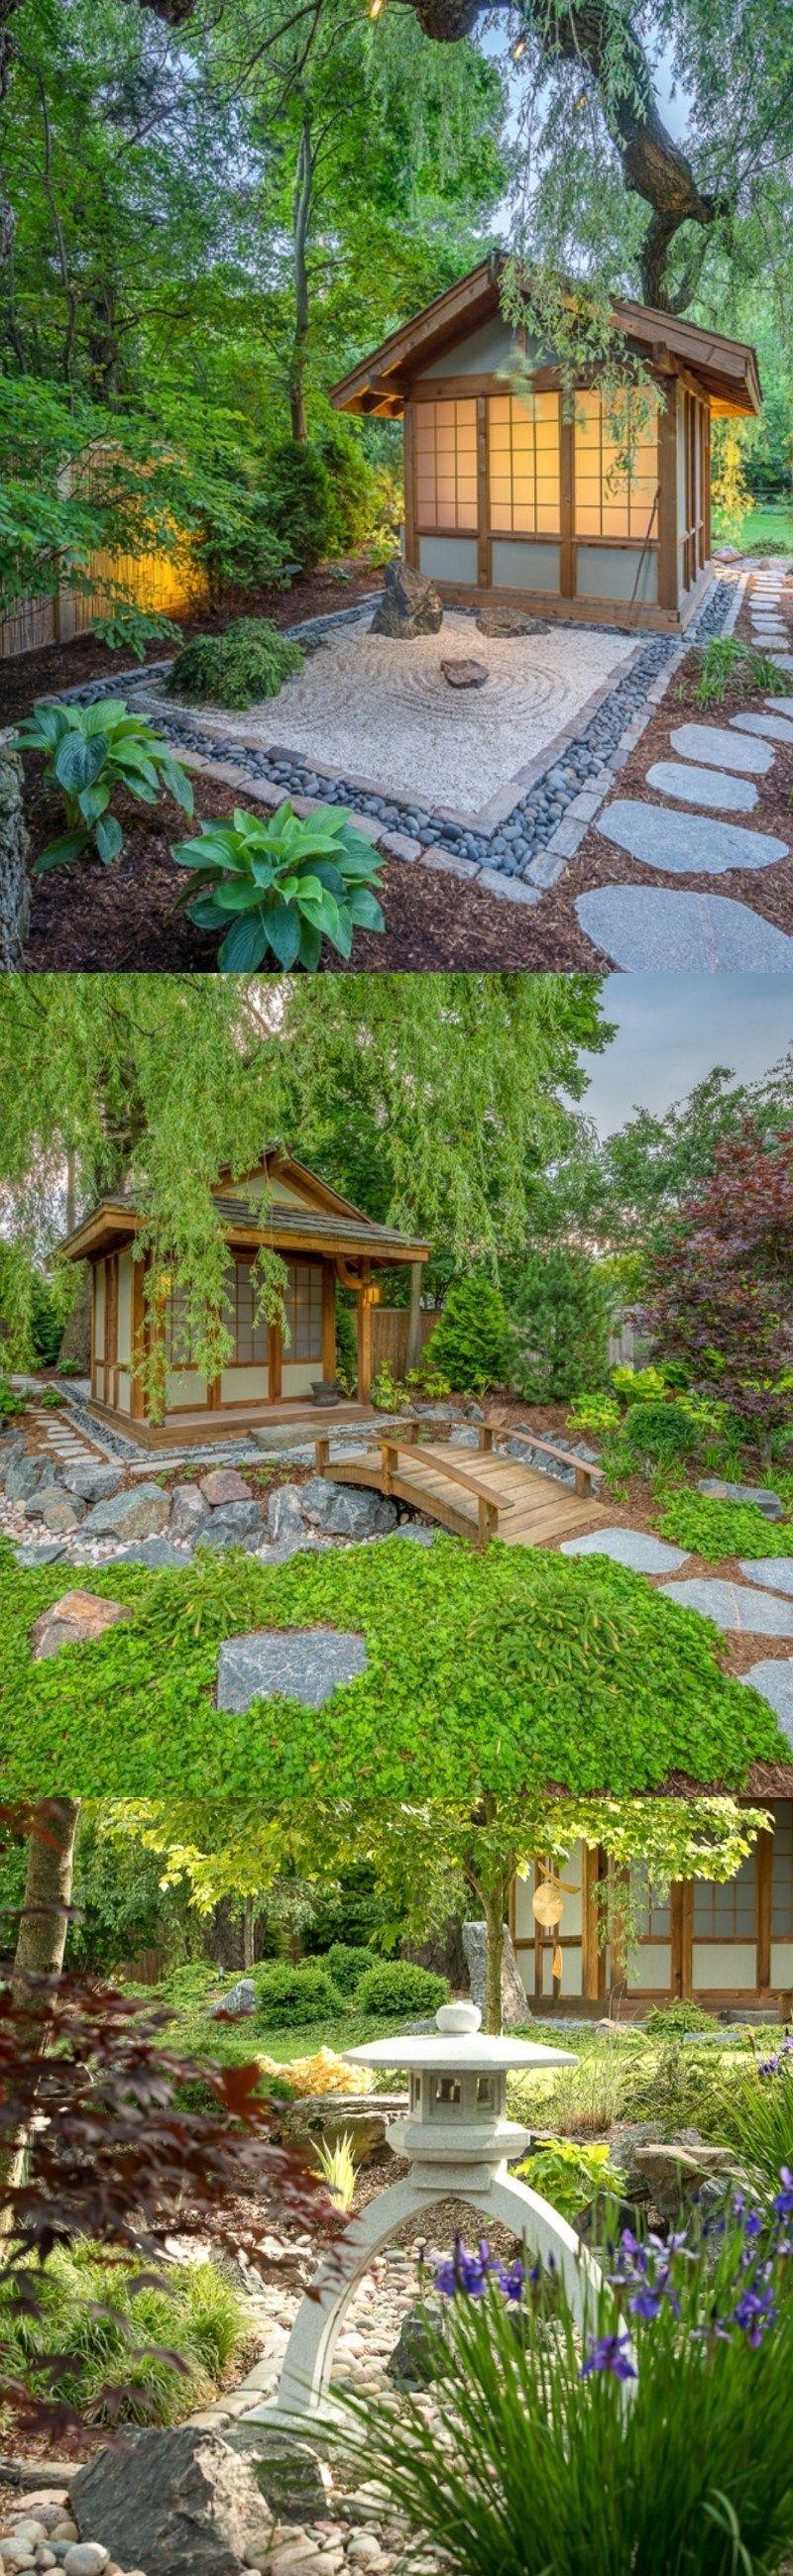 21 Beautiful Zen Garden Ideas 2019 Zengarden Miniature 400 x 300